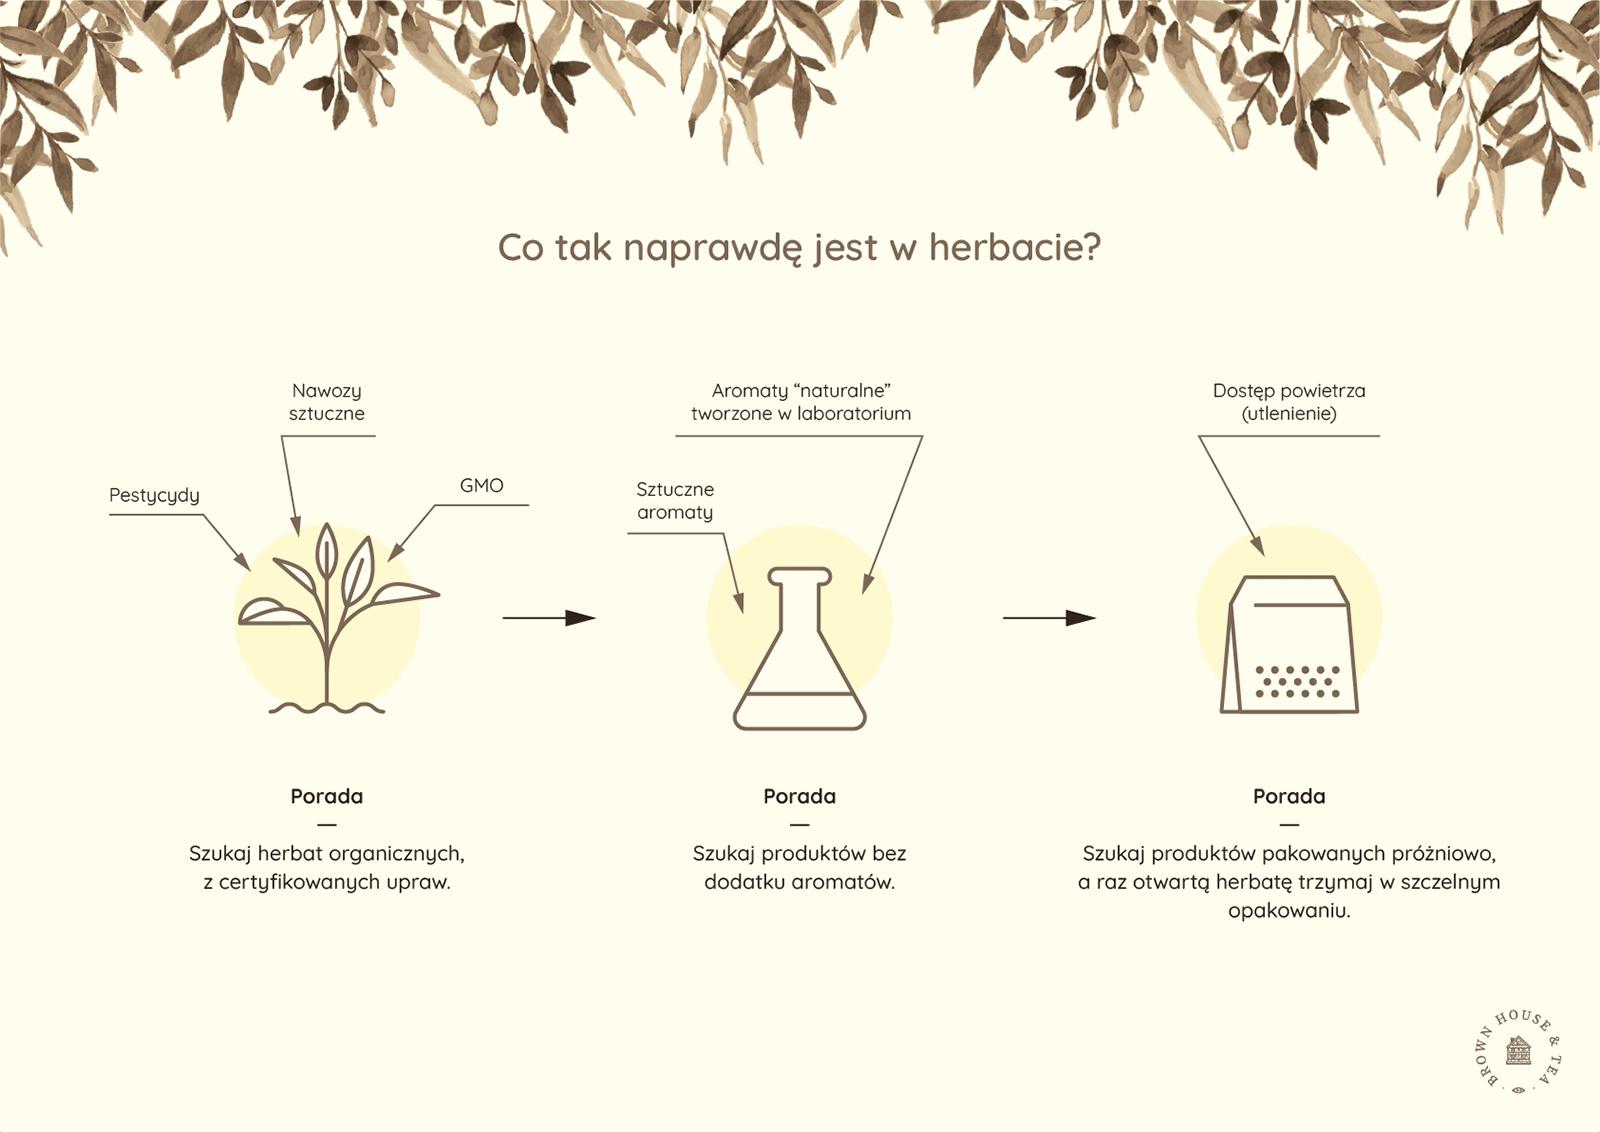 Co kryje herbata przemysłowa? infografika bht